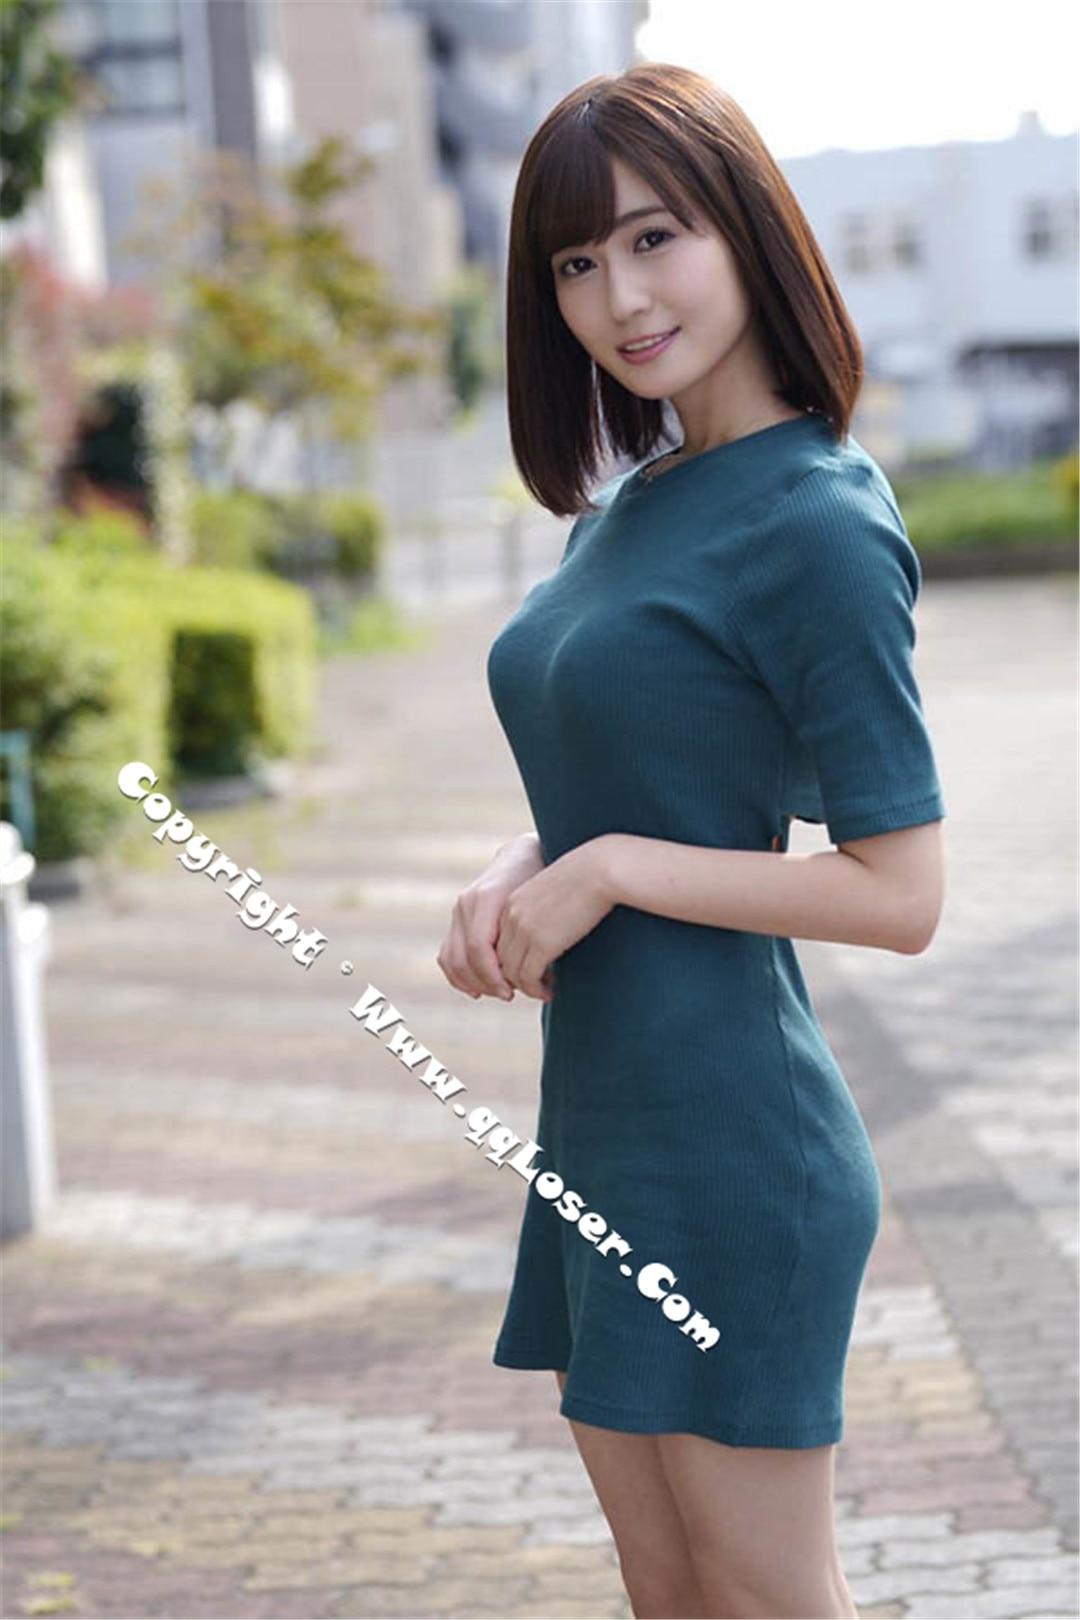 改名后的藤森里穗,似乎看起来变化很大呀!